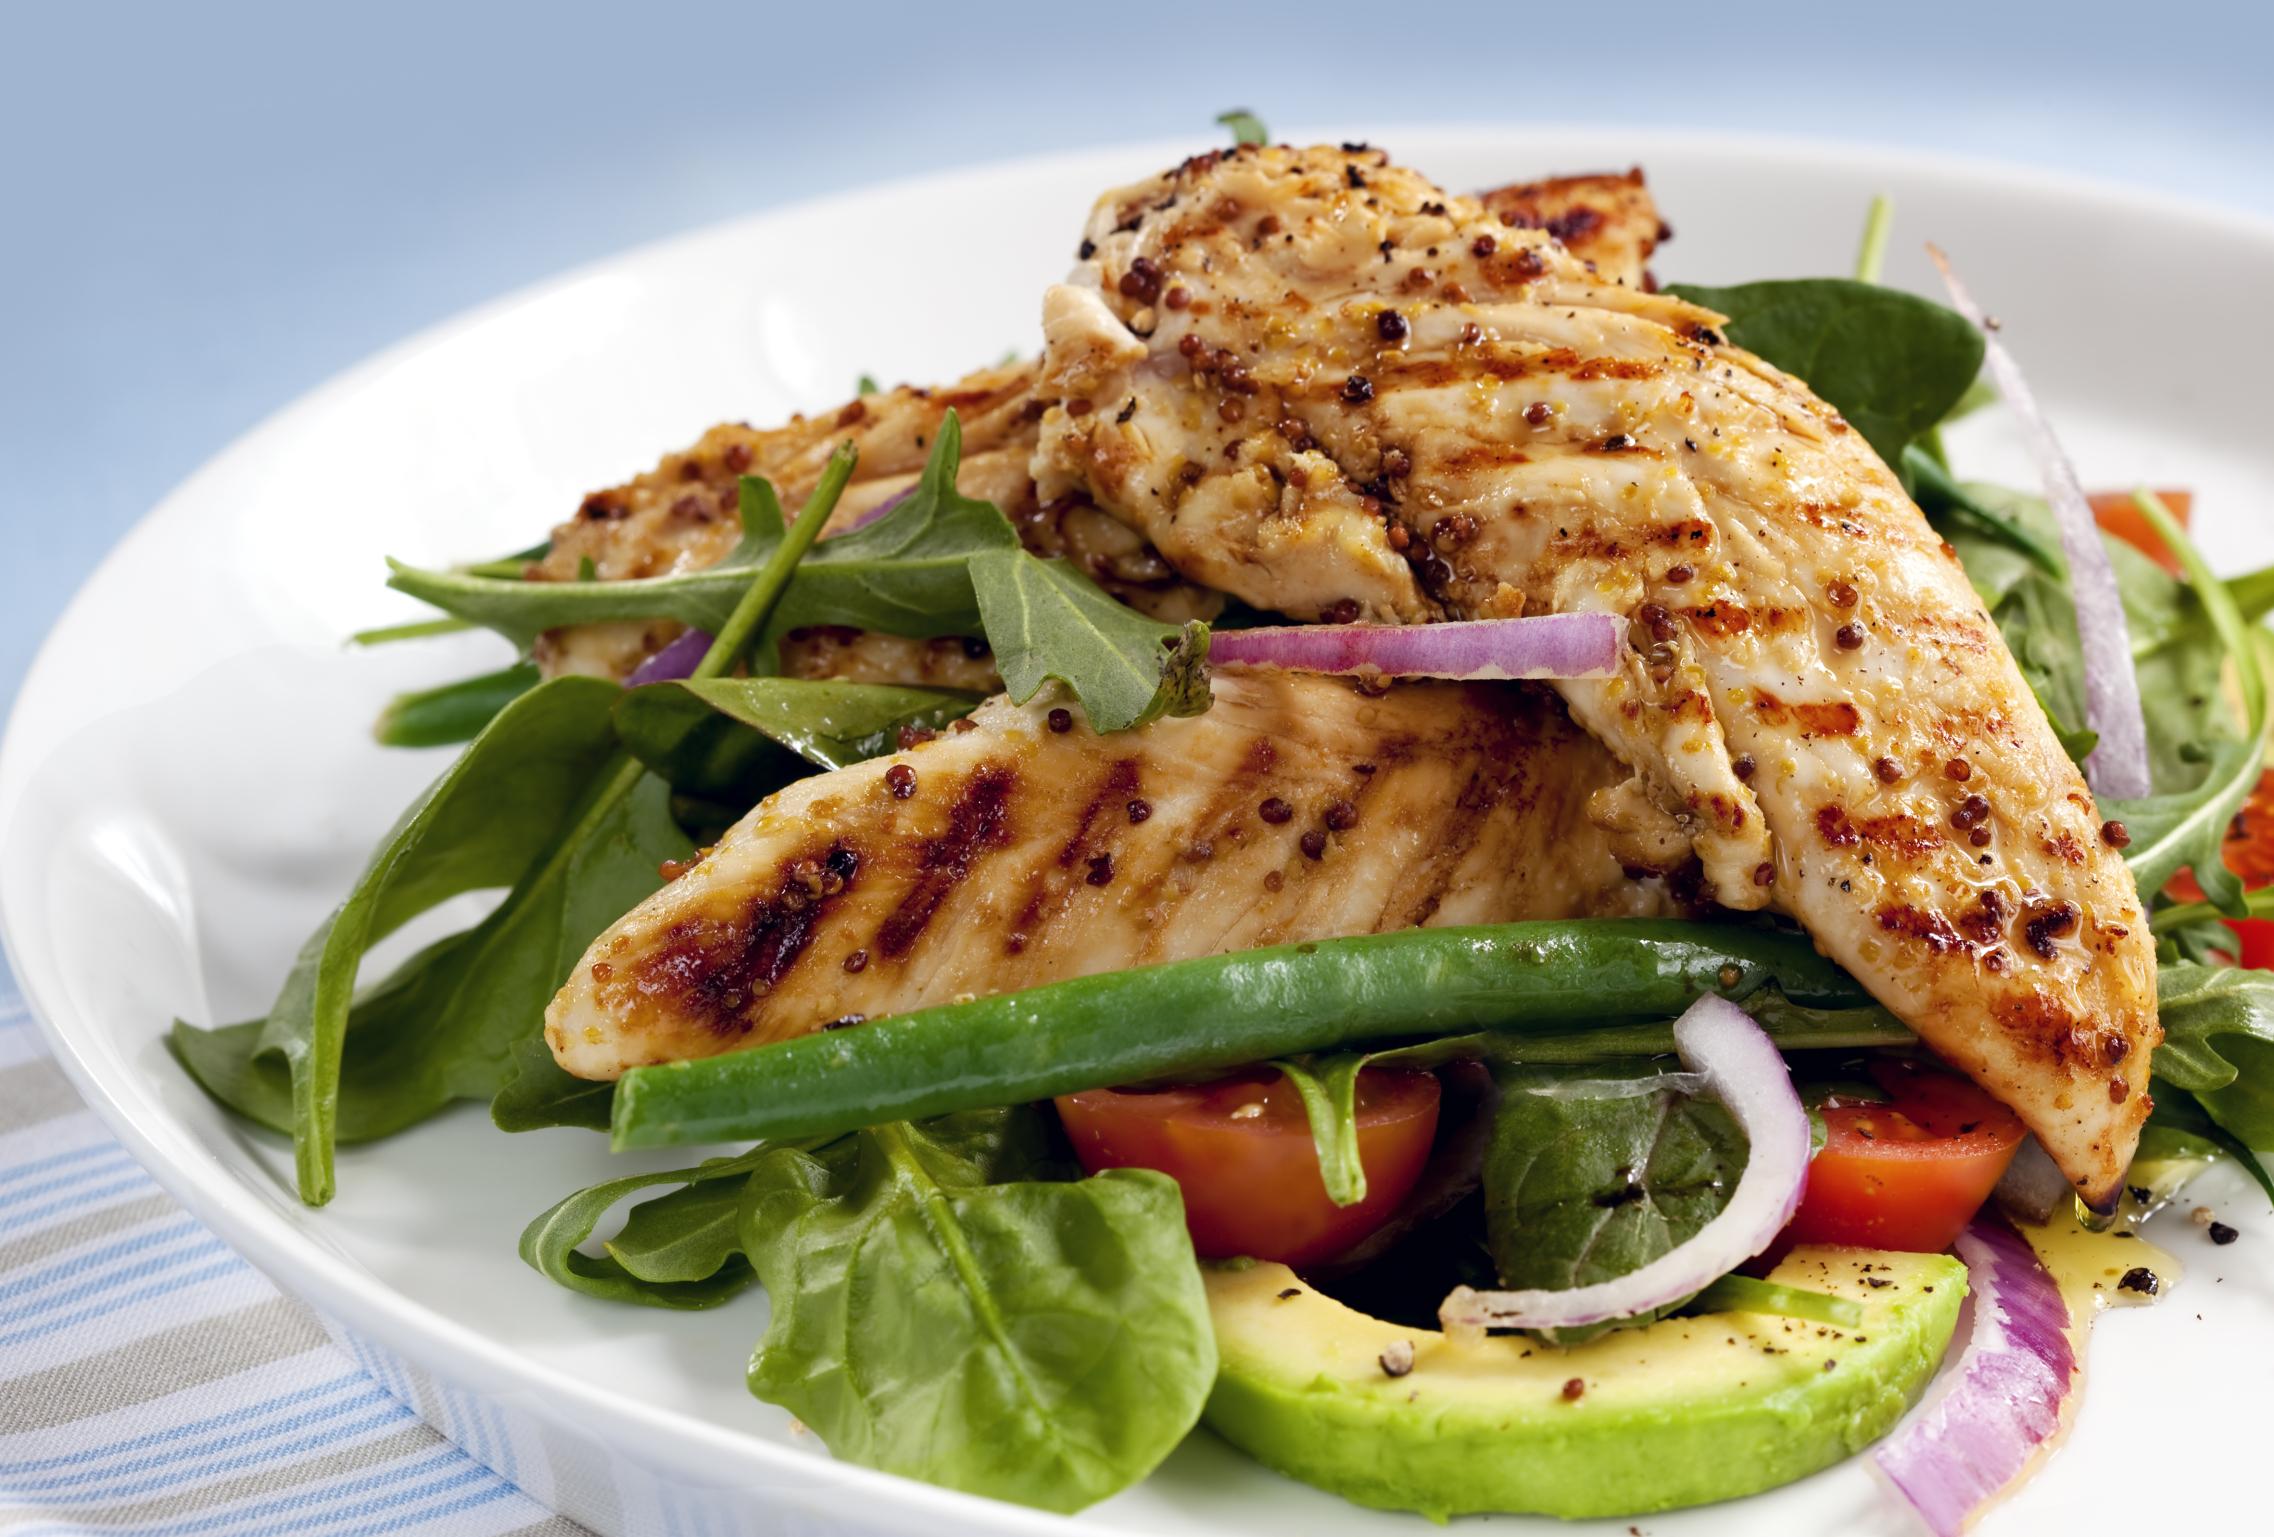 İştahınızın her zamankinden daha fazla olduğunu düşünüyorsanız sosyal medyadan sürekli yemek videoları izlemeyin.